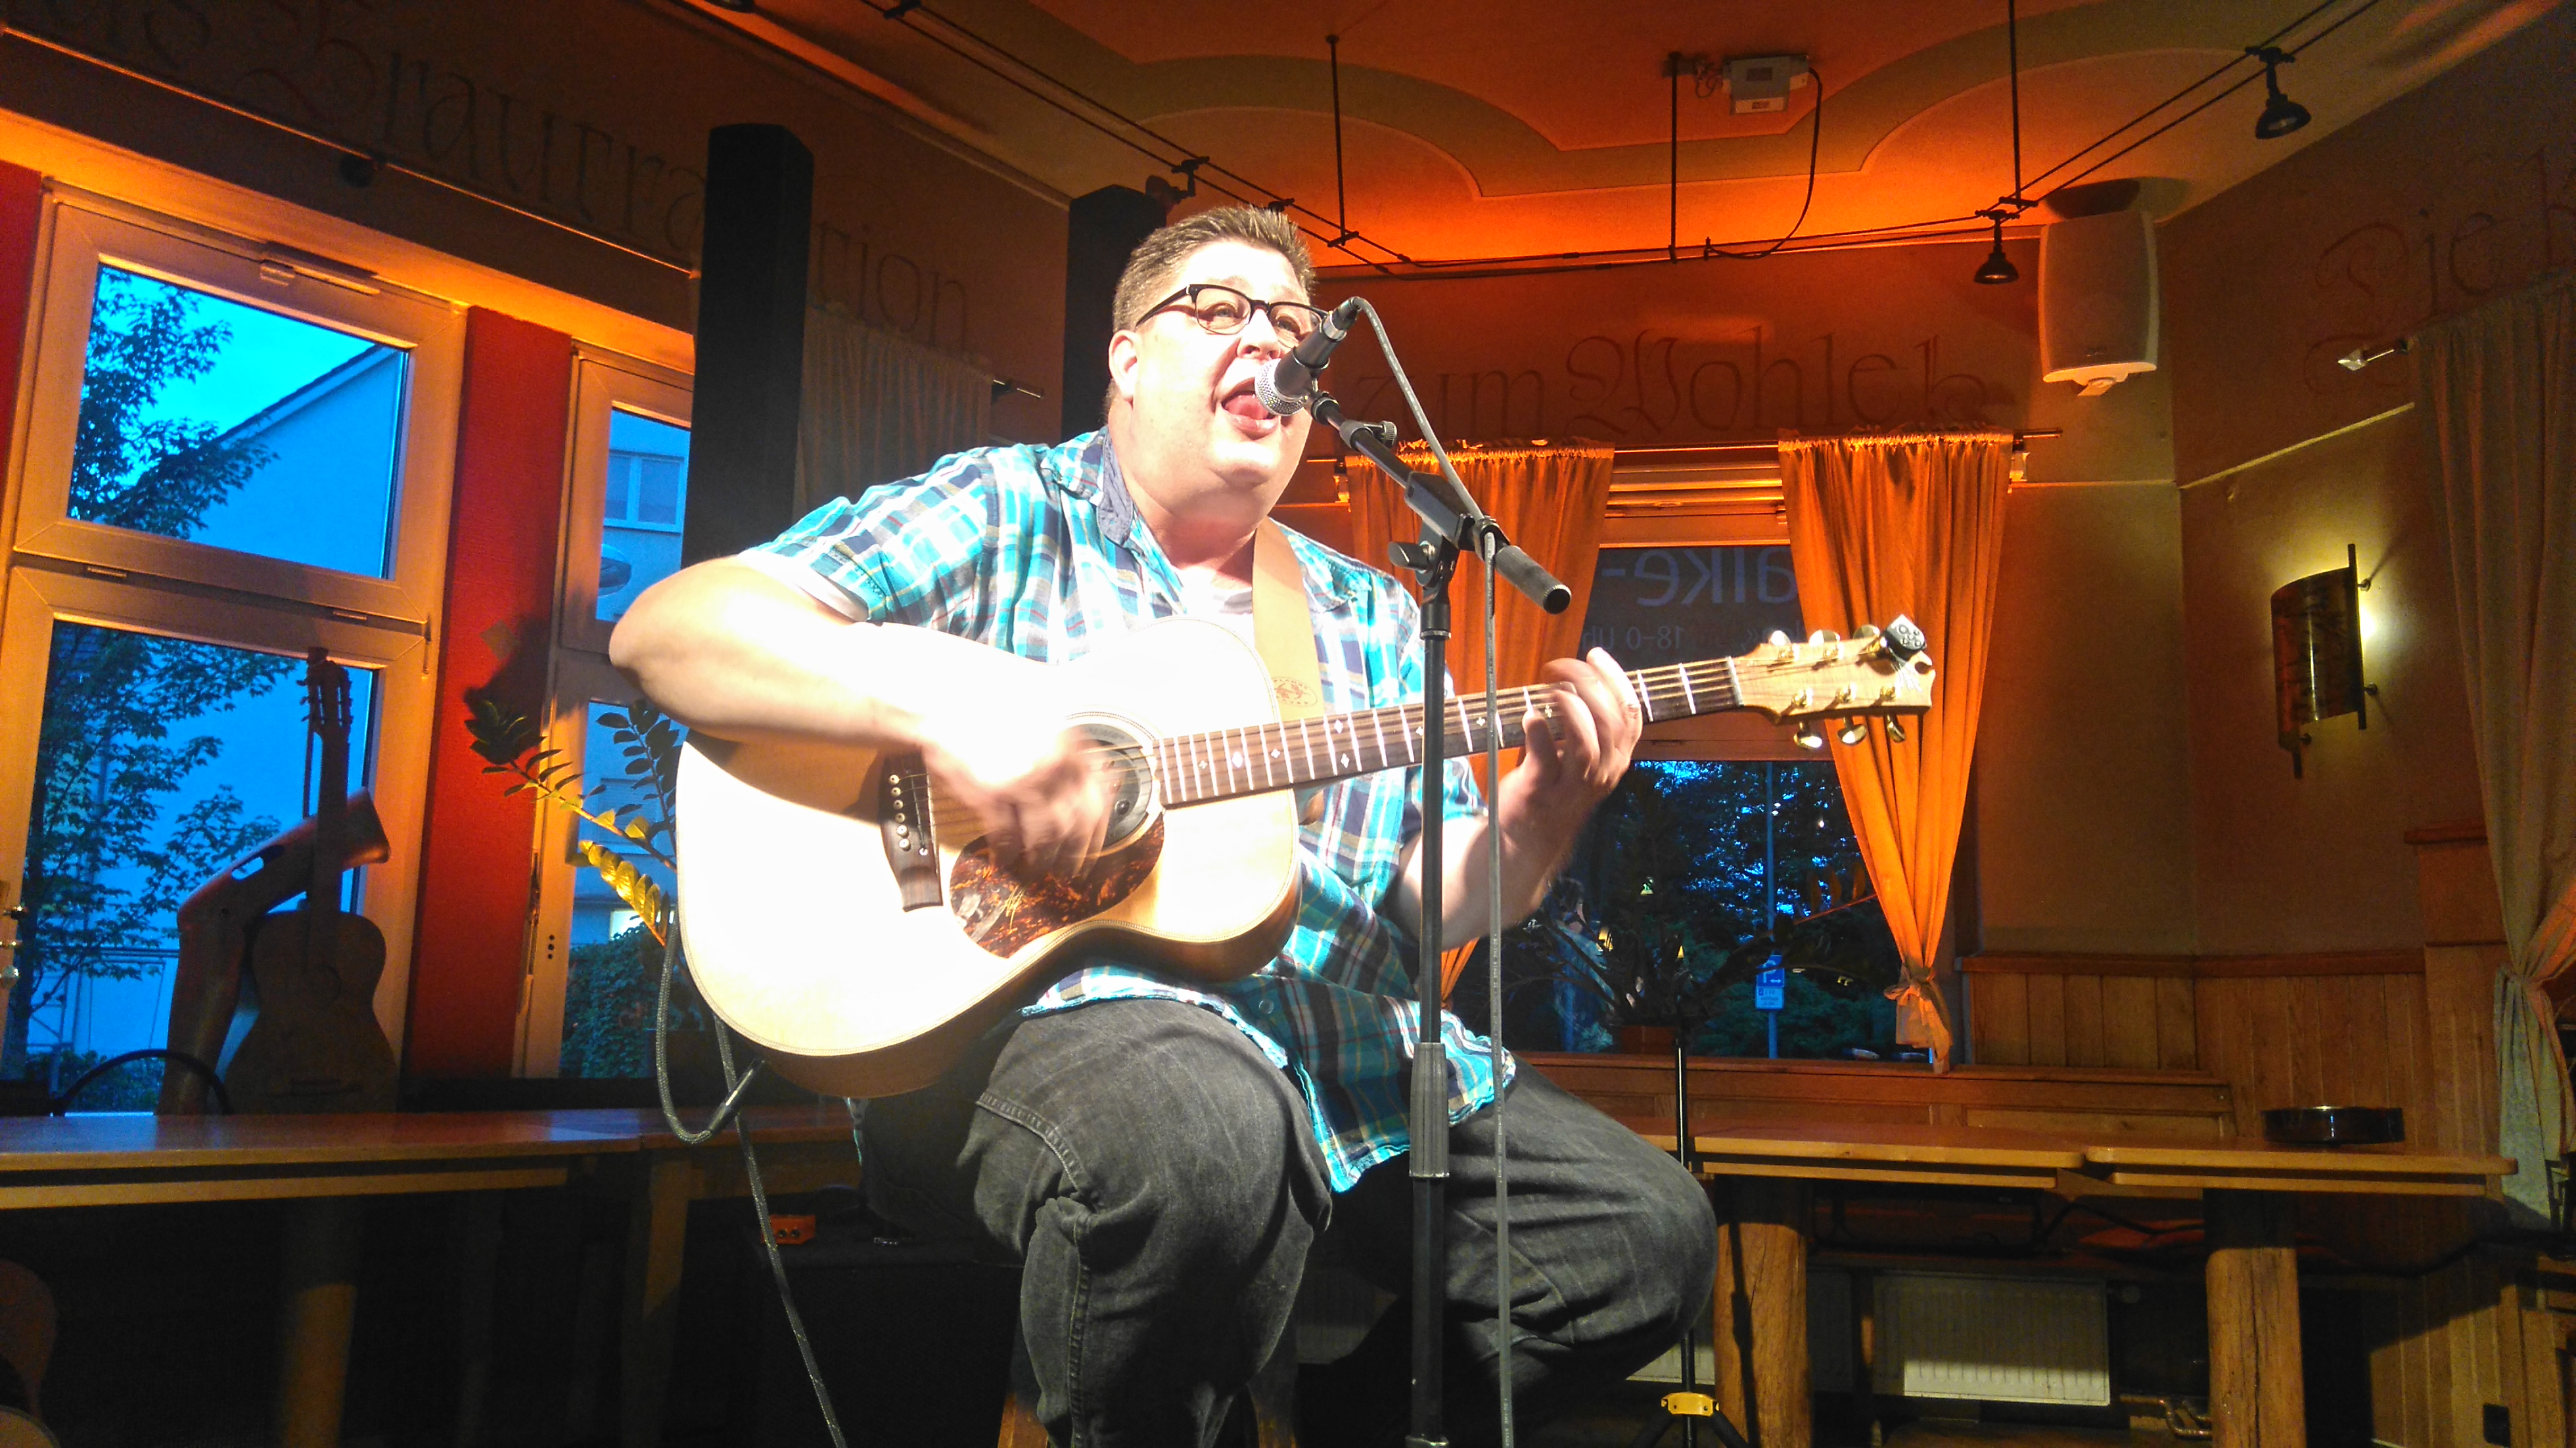 Der Braunschweiger Liedermacher Arne Kleemann spielt zum Kulturstammtisch in Halberstadt in der Kulturwirtschaft papermoon